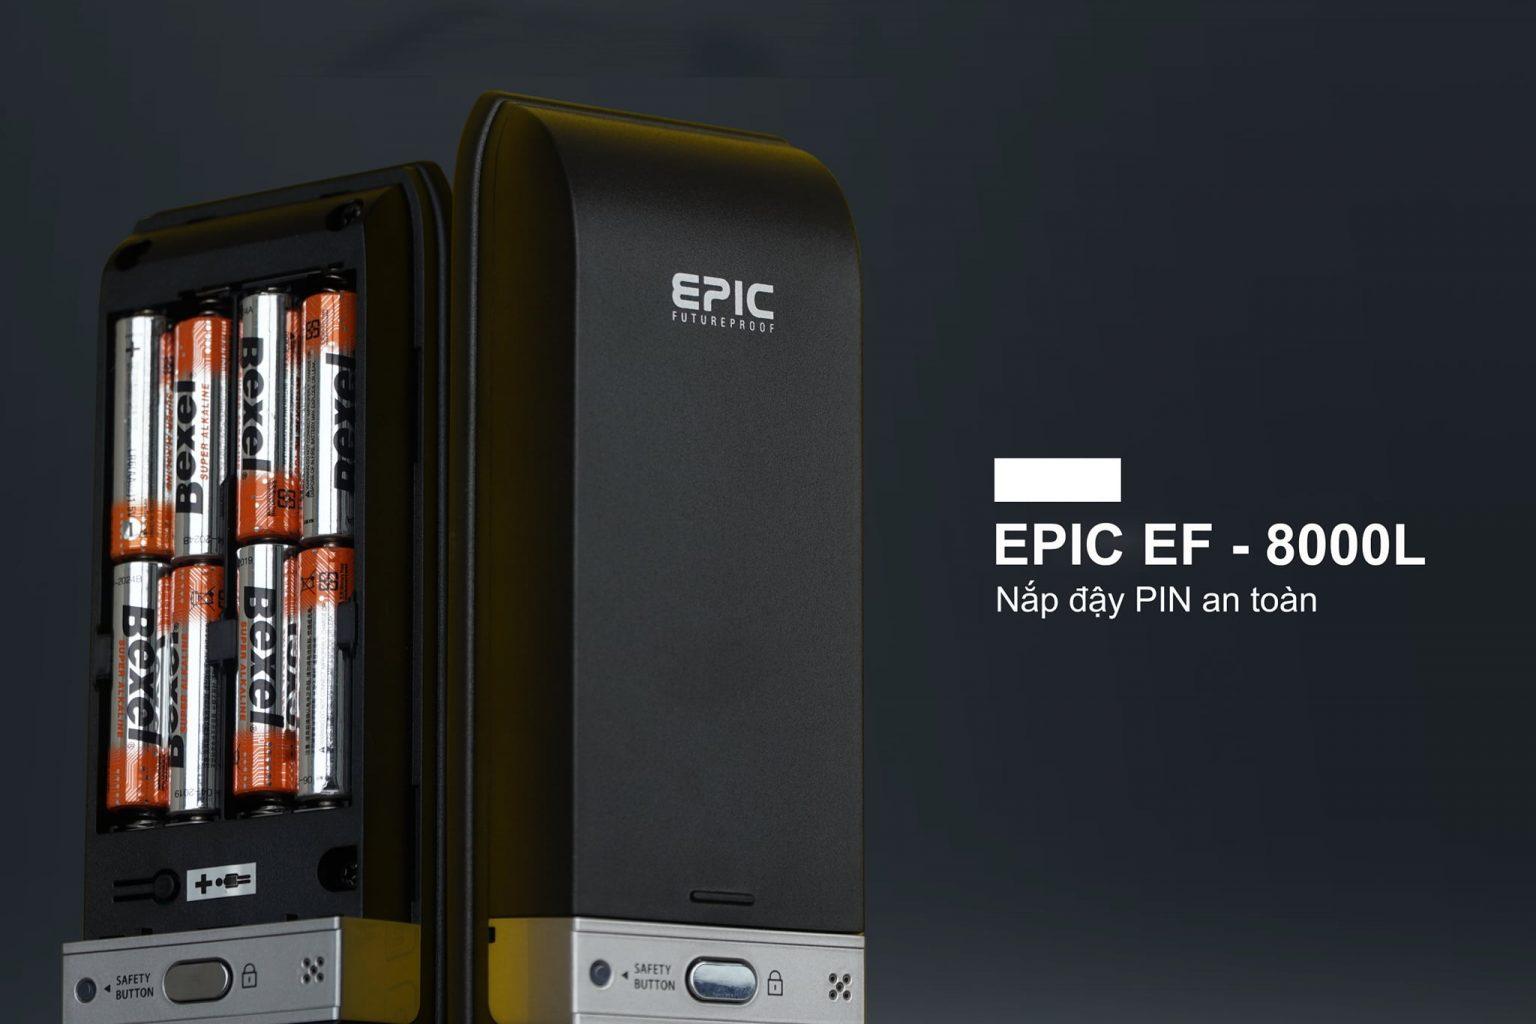 nắp pin chắc chắn an toàn - pin chính hãng bexel epic 8000L